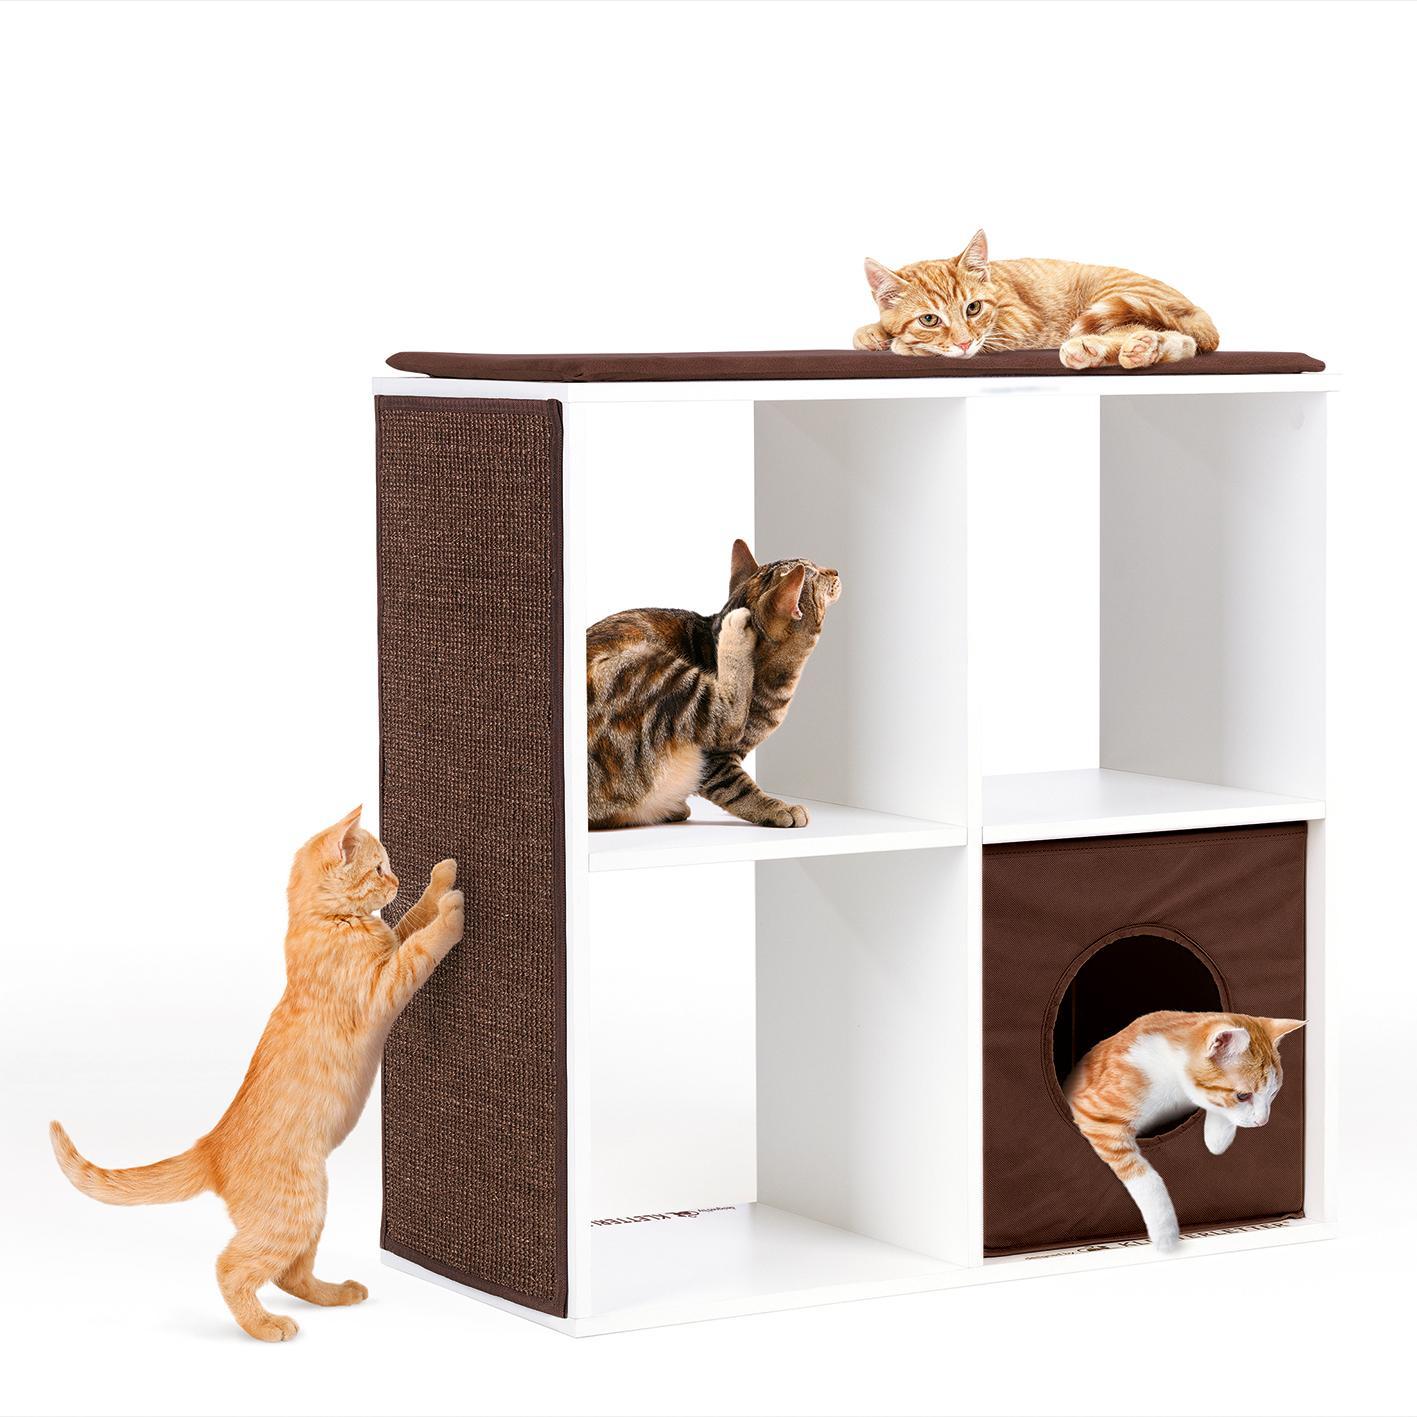 kletterletter 03955 katzenkratzbaum w rfeloase grosser kratzbaum f r katzen sisal teppich. Black Bedroom Furniture Sets. Home Design Ideas